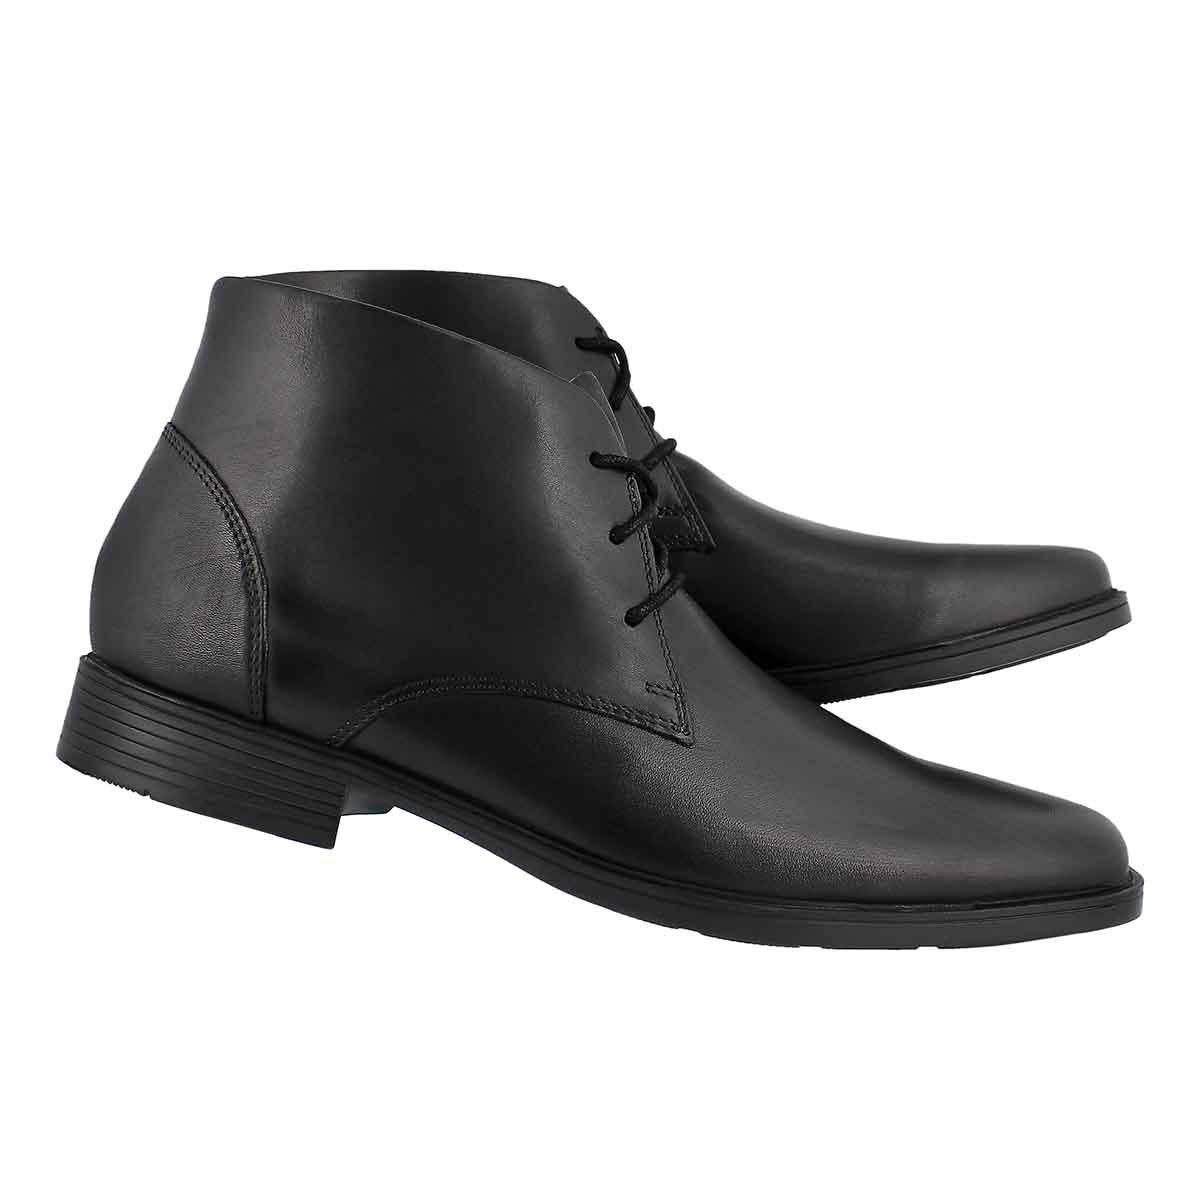 Men's TILDEN TOP black waterproof dress ankle boot